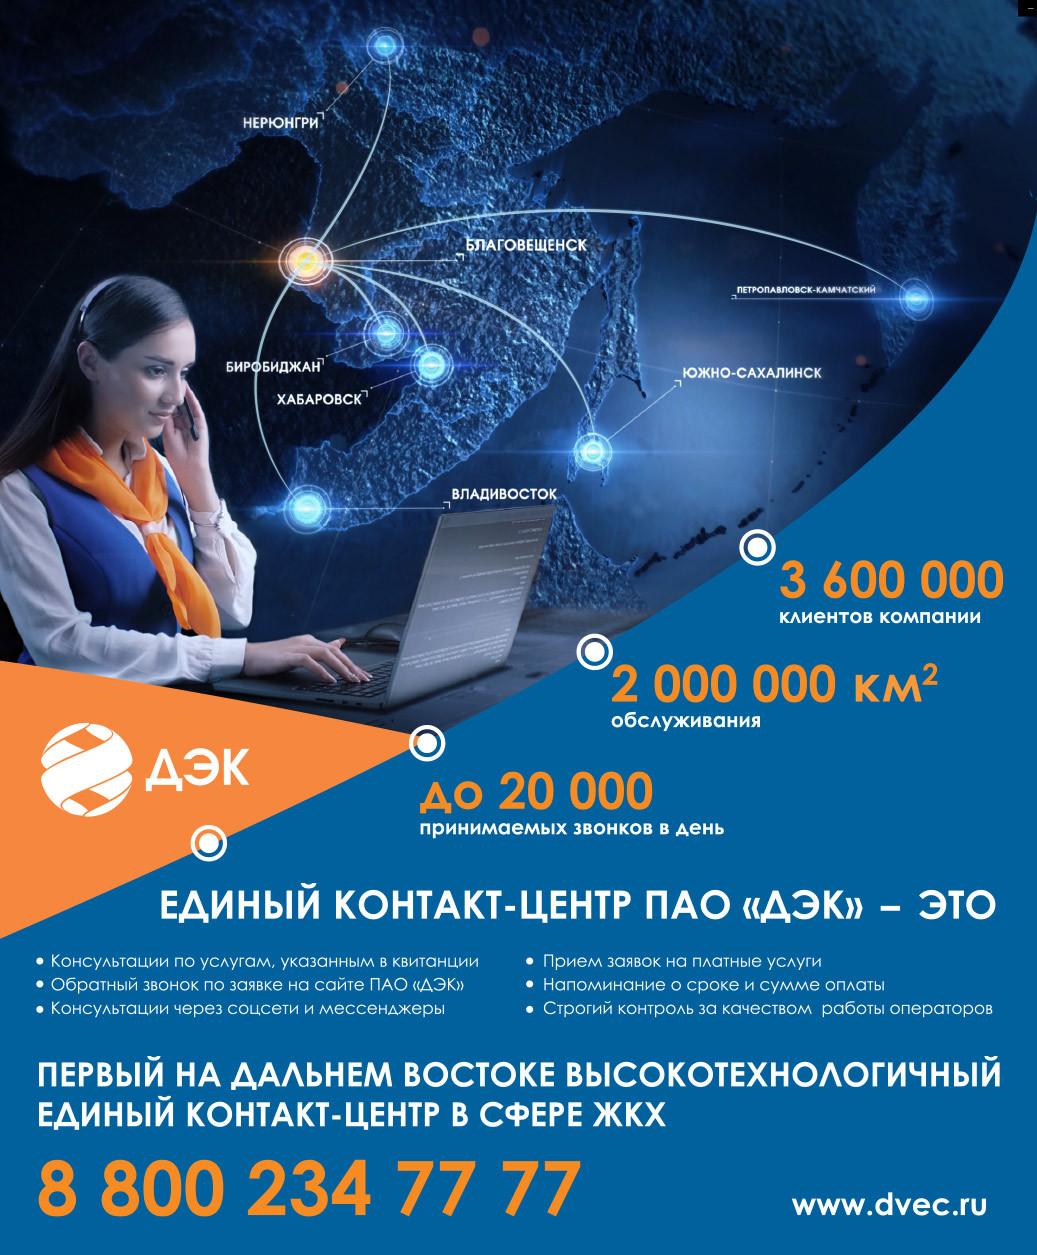 Открыт уникальный в сфере ЖКХ Единый контактный центр для жителей Дальнего Востока